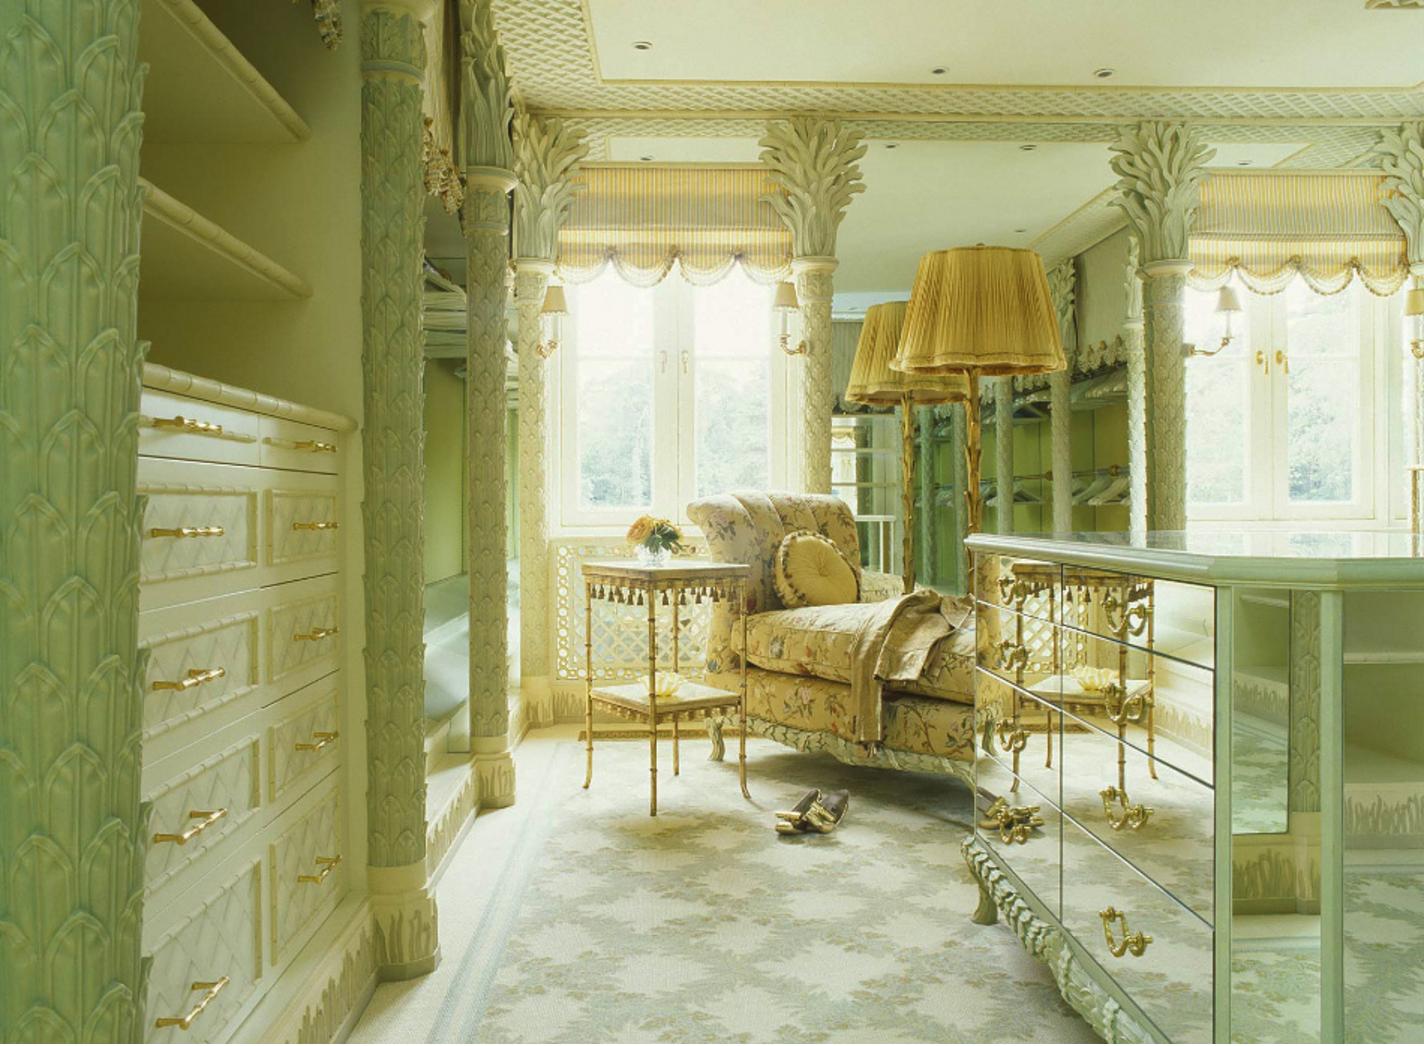 Design Profile: Kirill Istomin Interior Design & Decoration - The ...